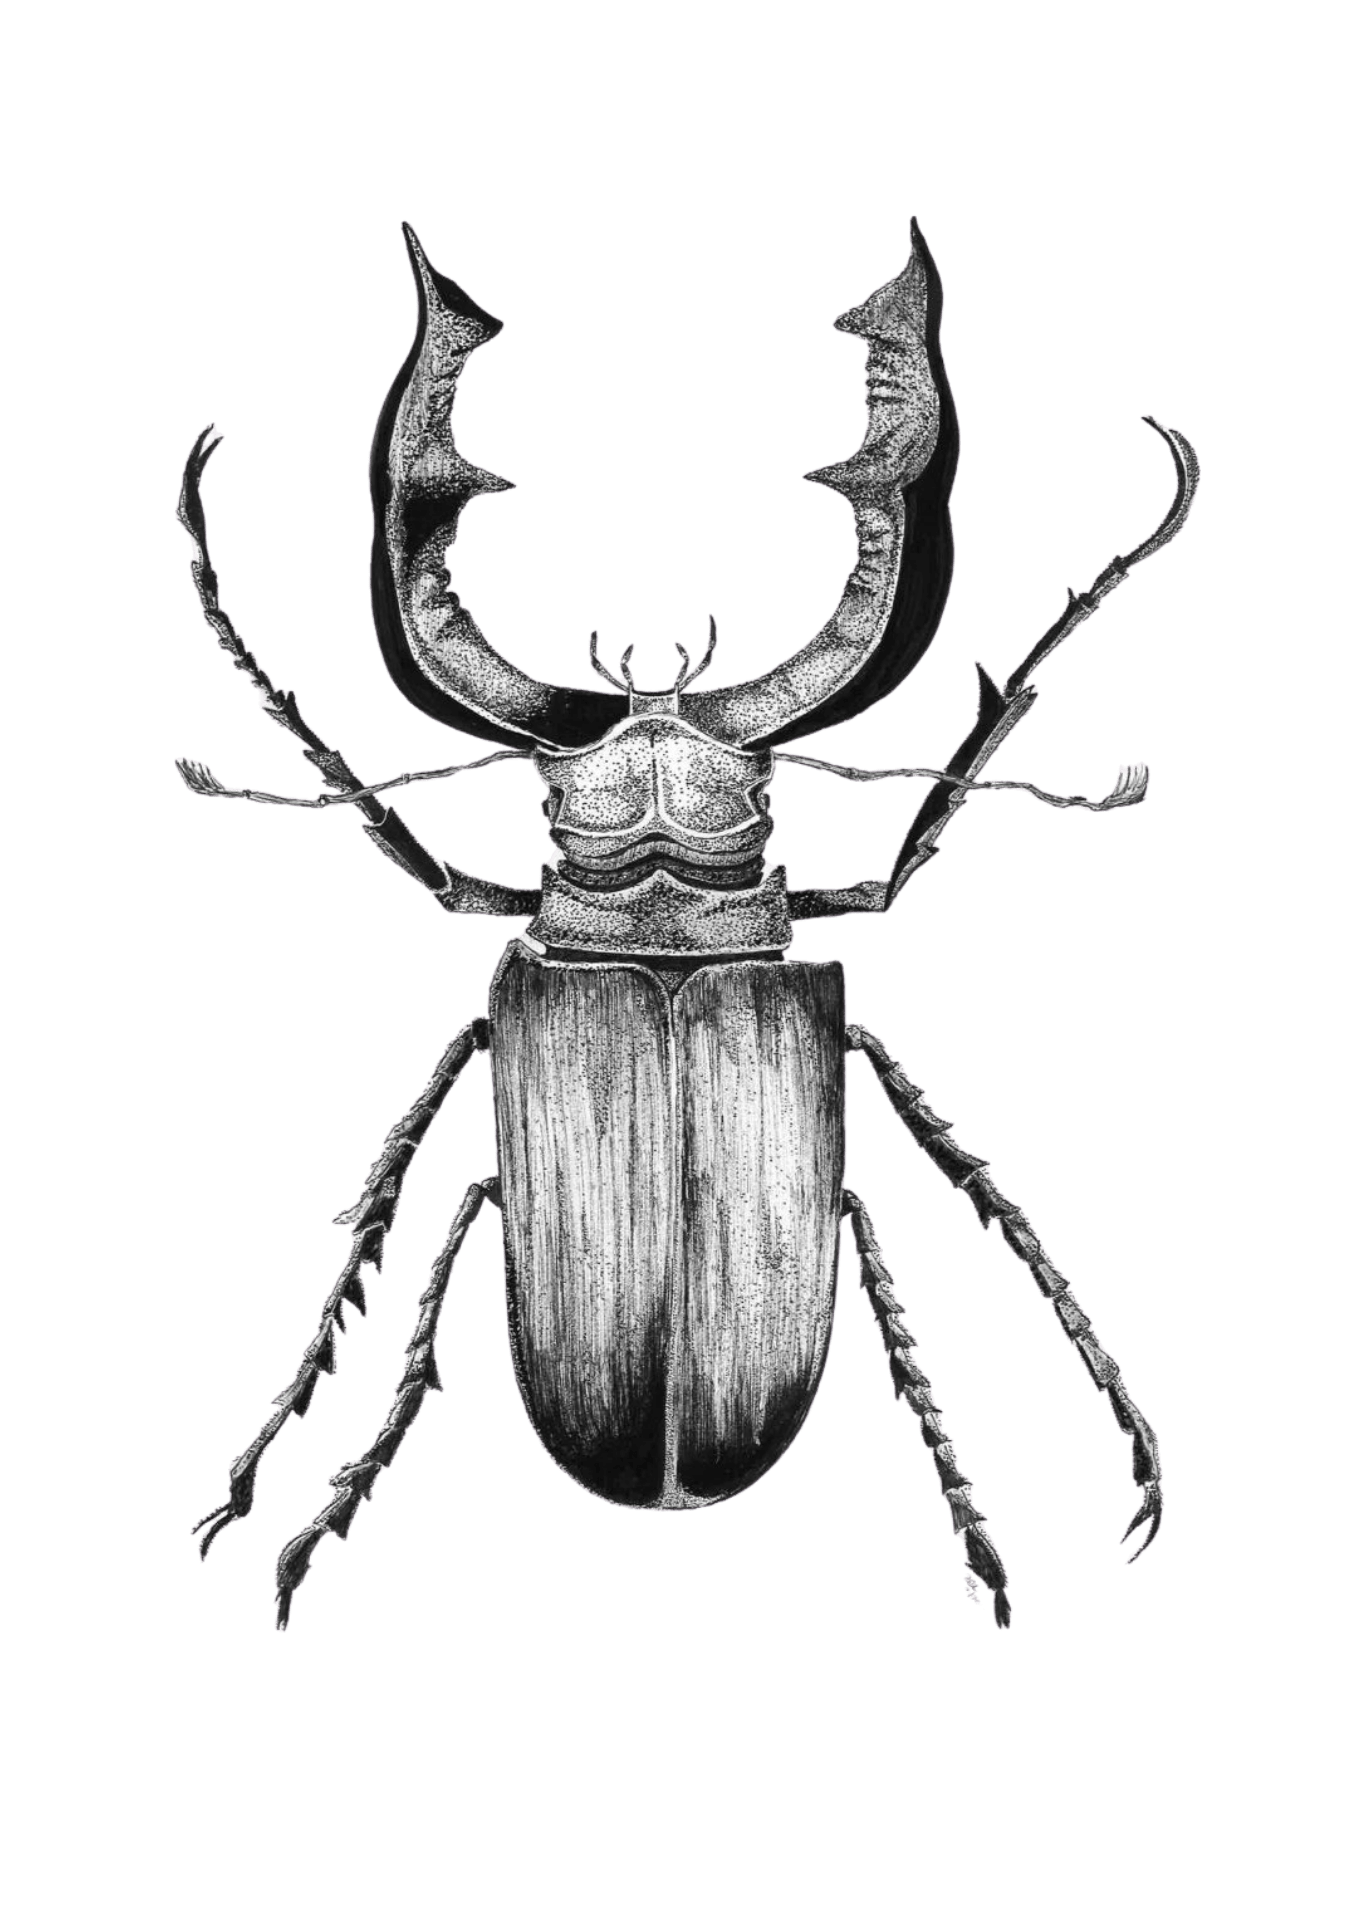 Tekening in zwart wit van een vliegend hert kever